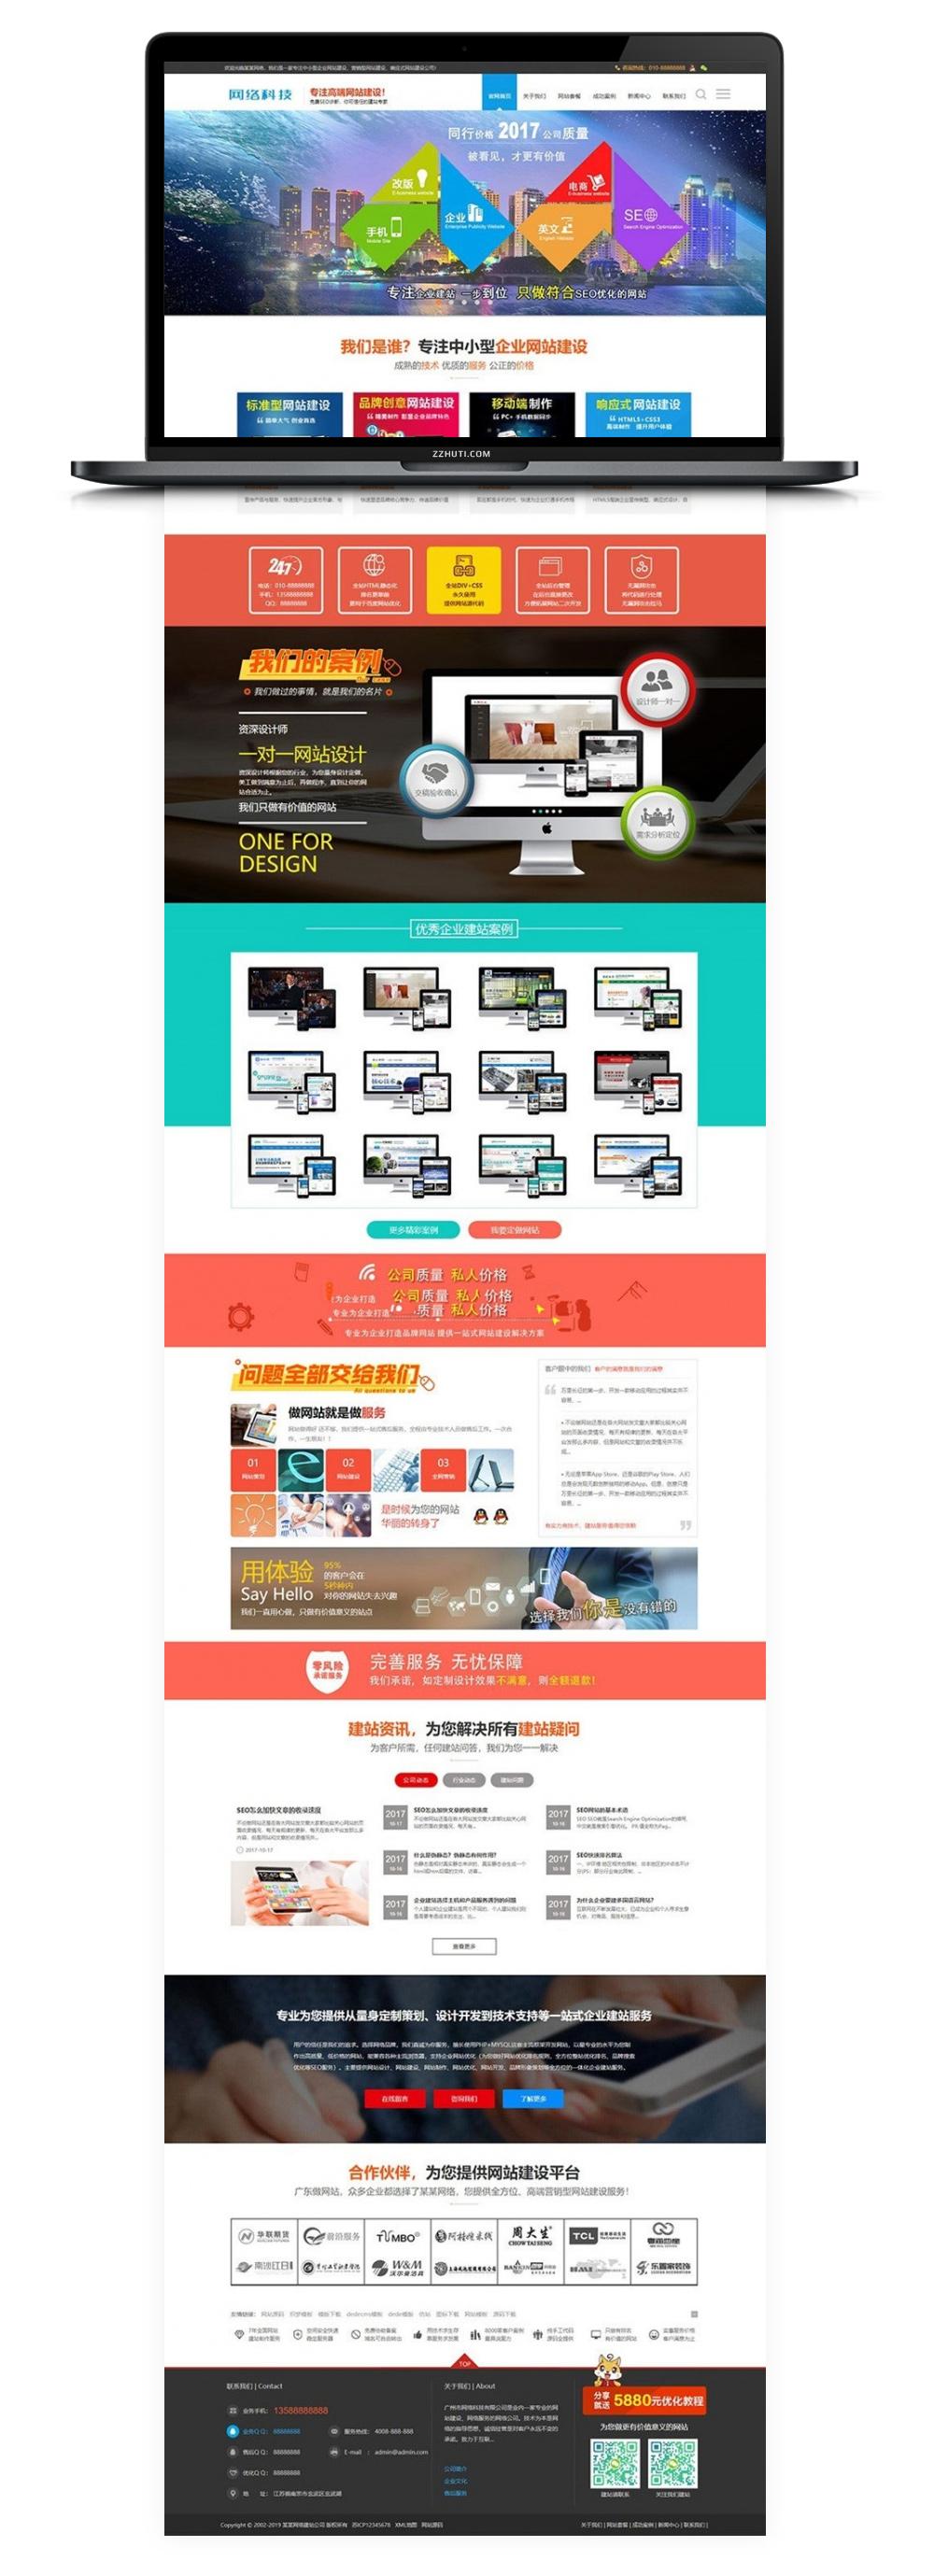 【织梦网络科技公司模板】自适应高端网站建设推广科技公司源码[dedecms内核]-蓝汇源码